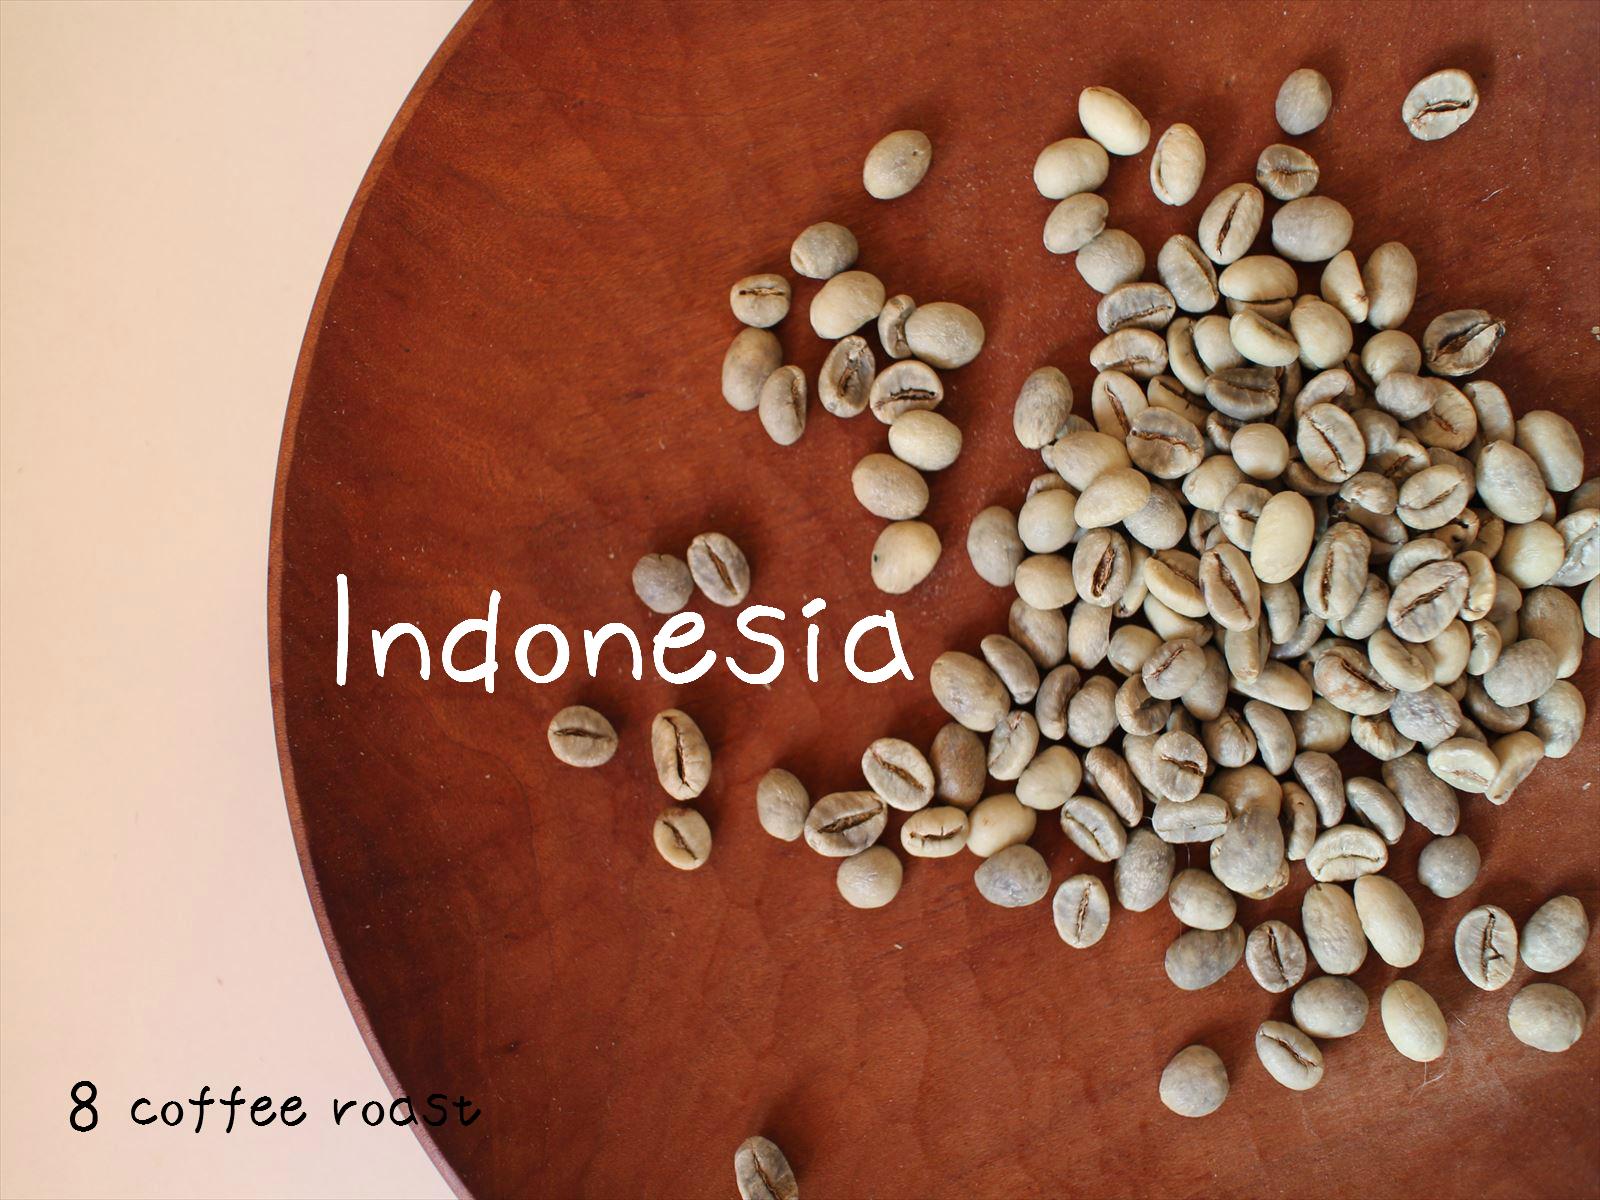 コーヒー生豆 定価 インドネシア ジャバロブ WIB-1 50g 内容量 特価品コーナー☆